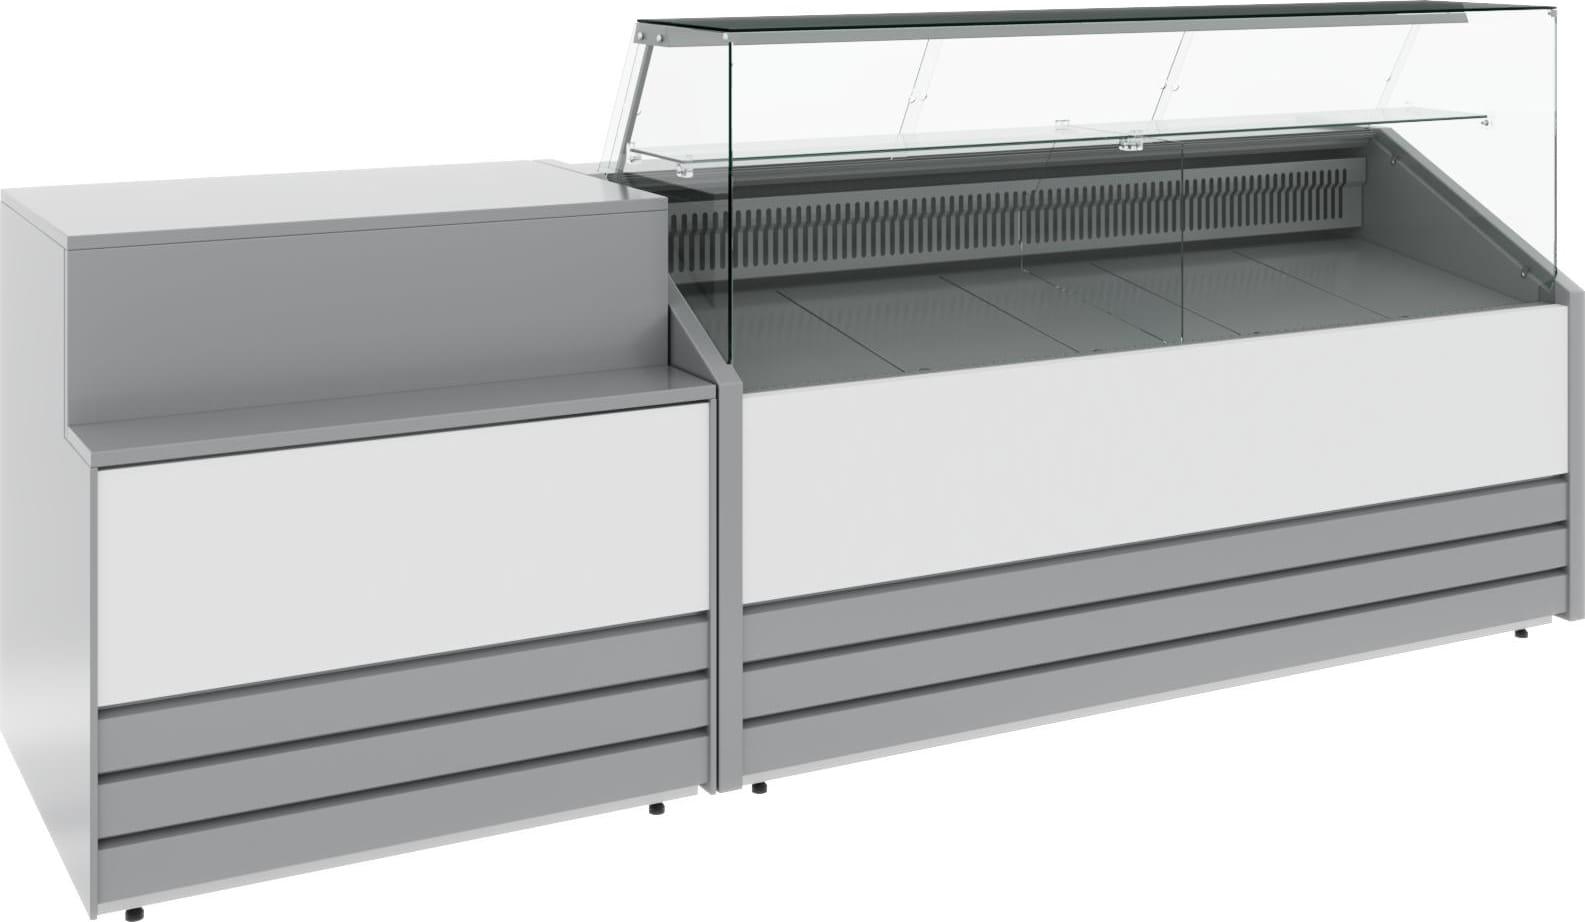 Холодильная витрина CARBOMA COLORE GС75 VM1.8-1 (динамика) 9006-9003 - 15